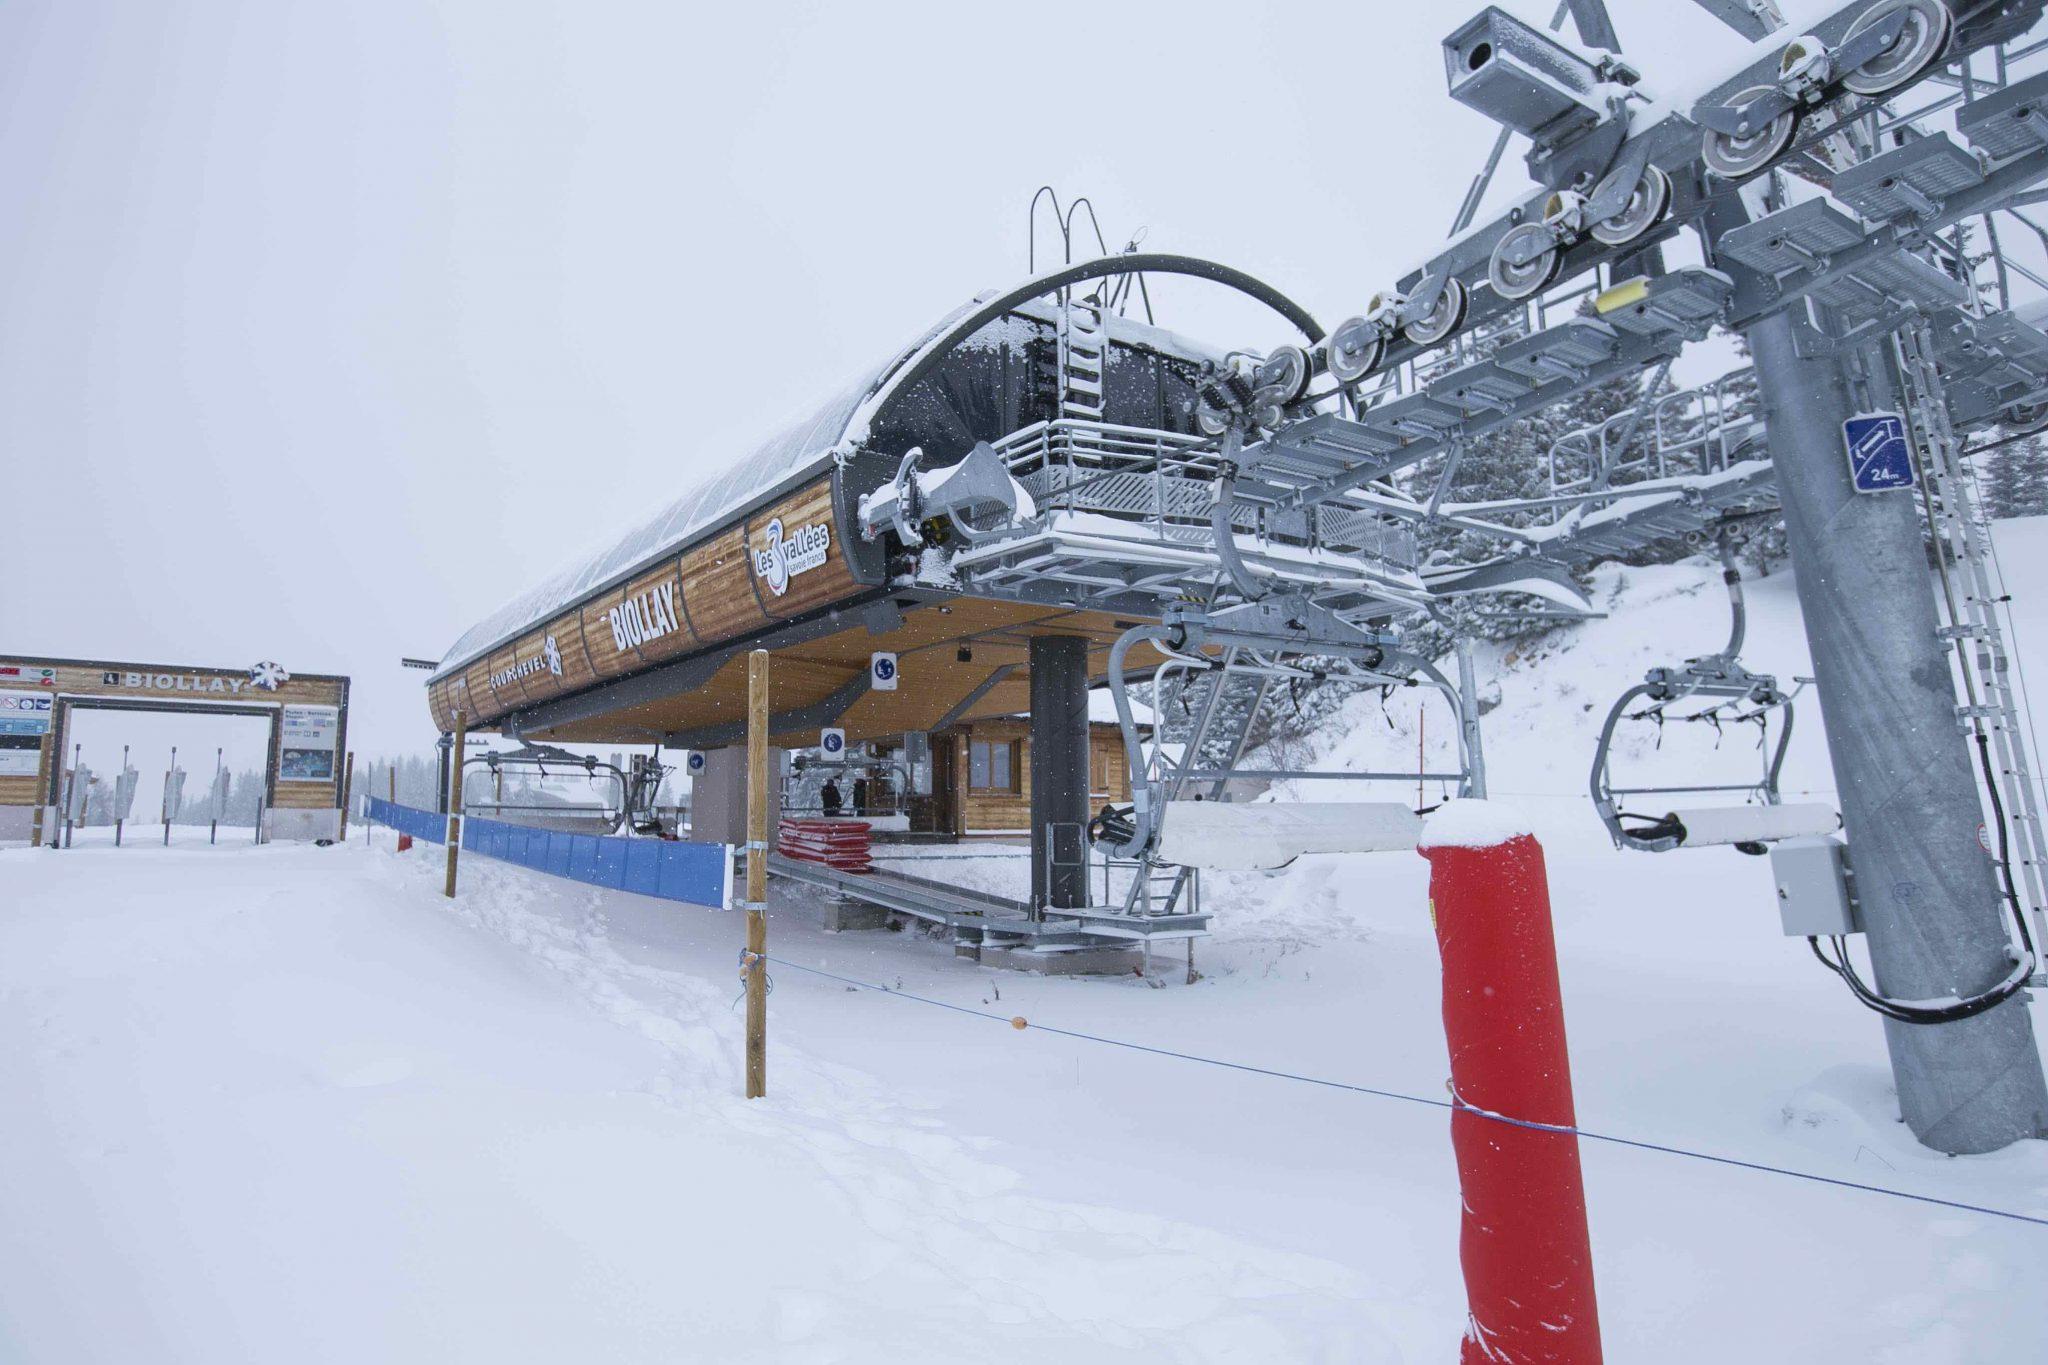 femmes-montagne-skieuse-enfants-premieres-neiges-saison-hiver-savoie-tarentaise-station